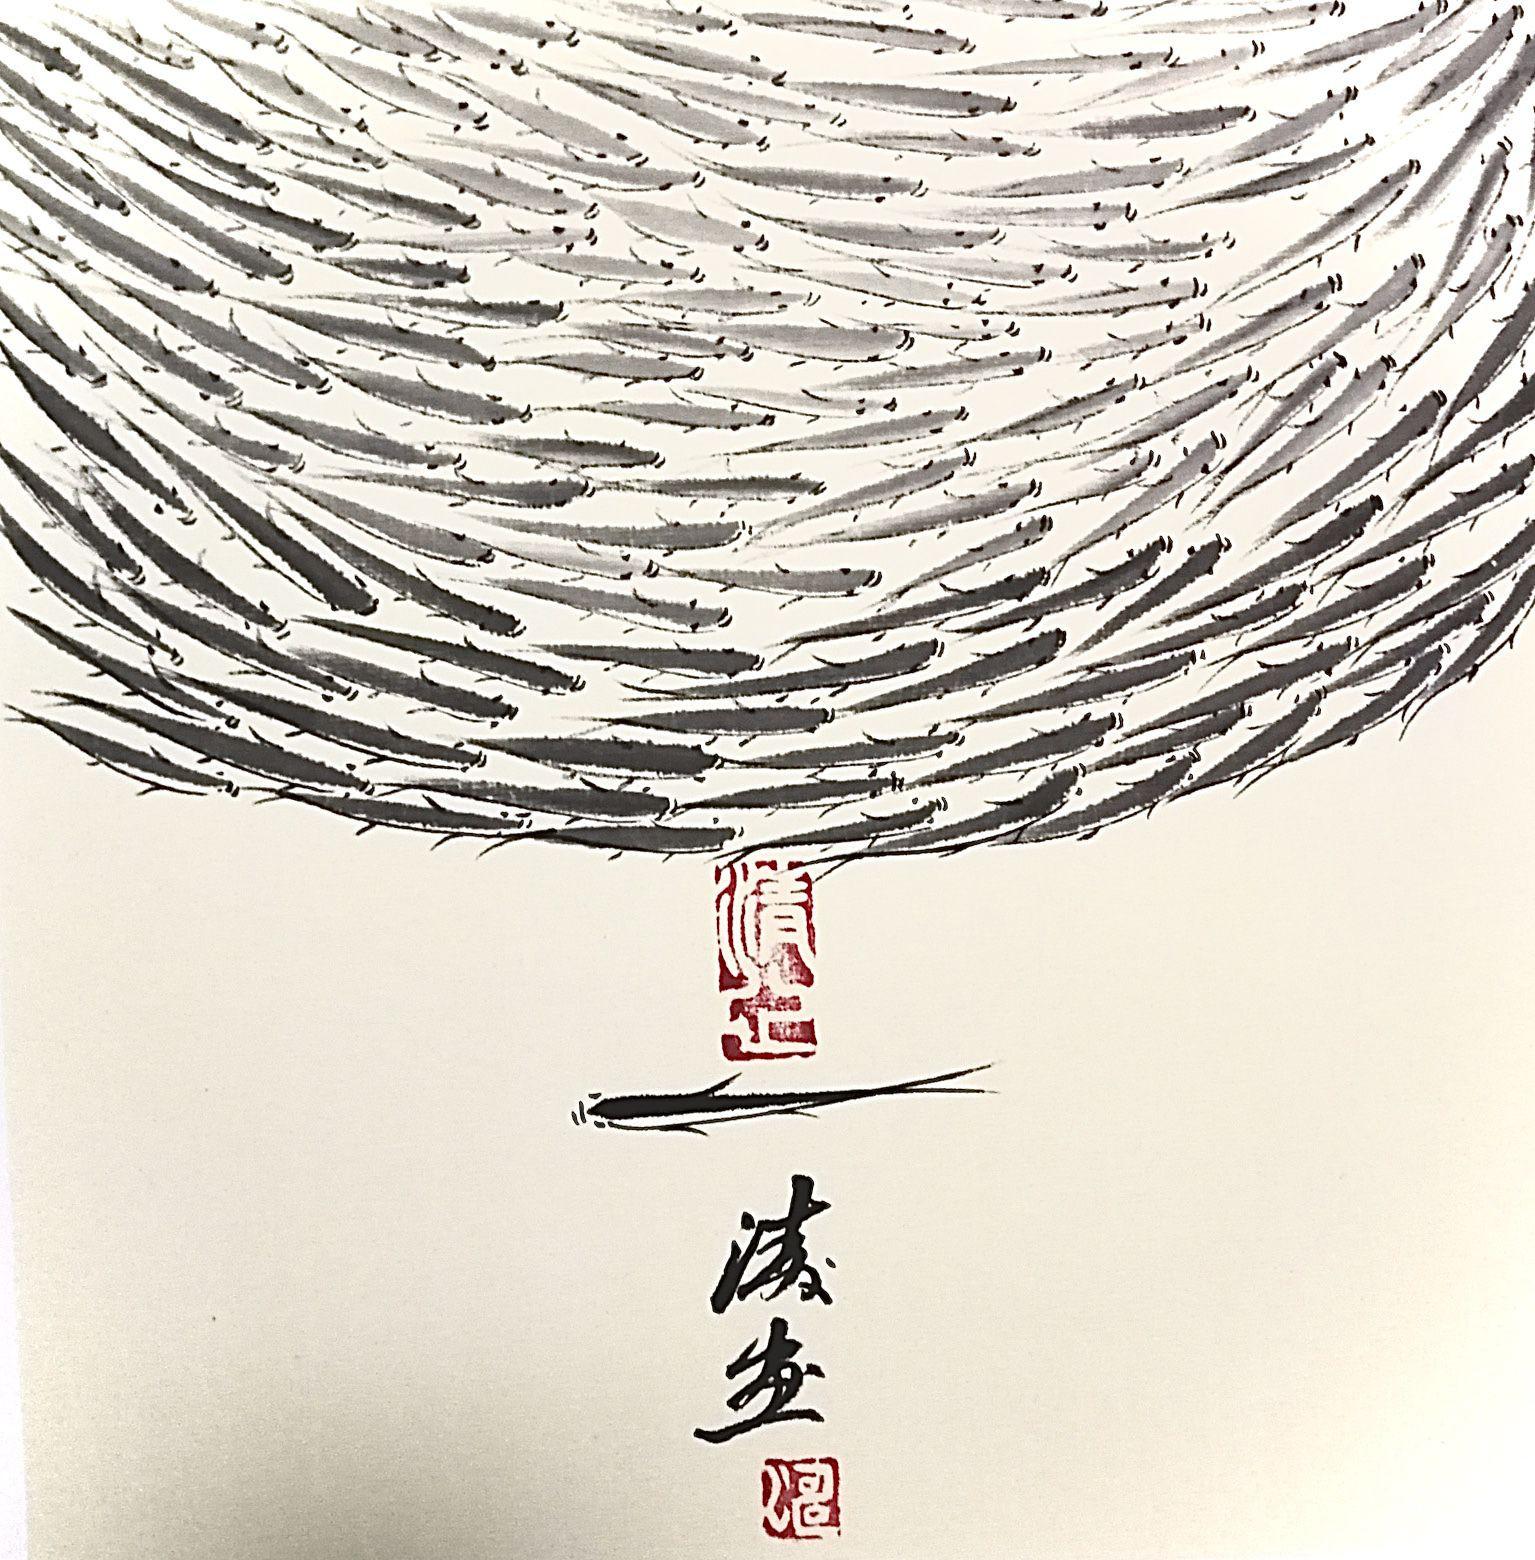 国画《为逆行者点赞 》 丁海涛